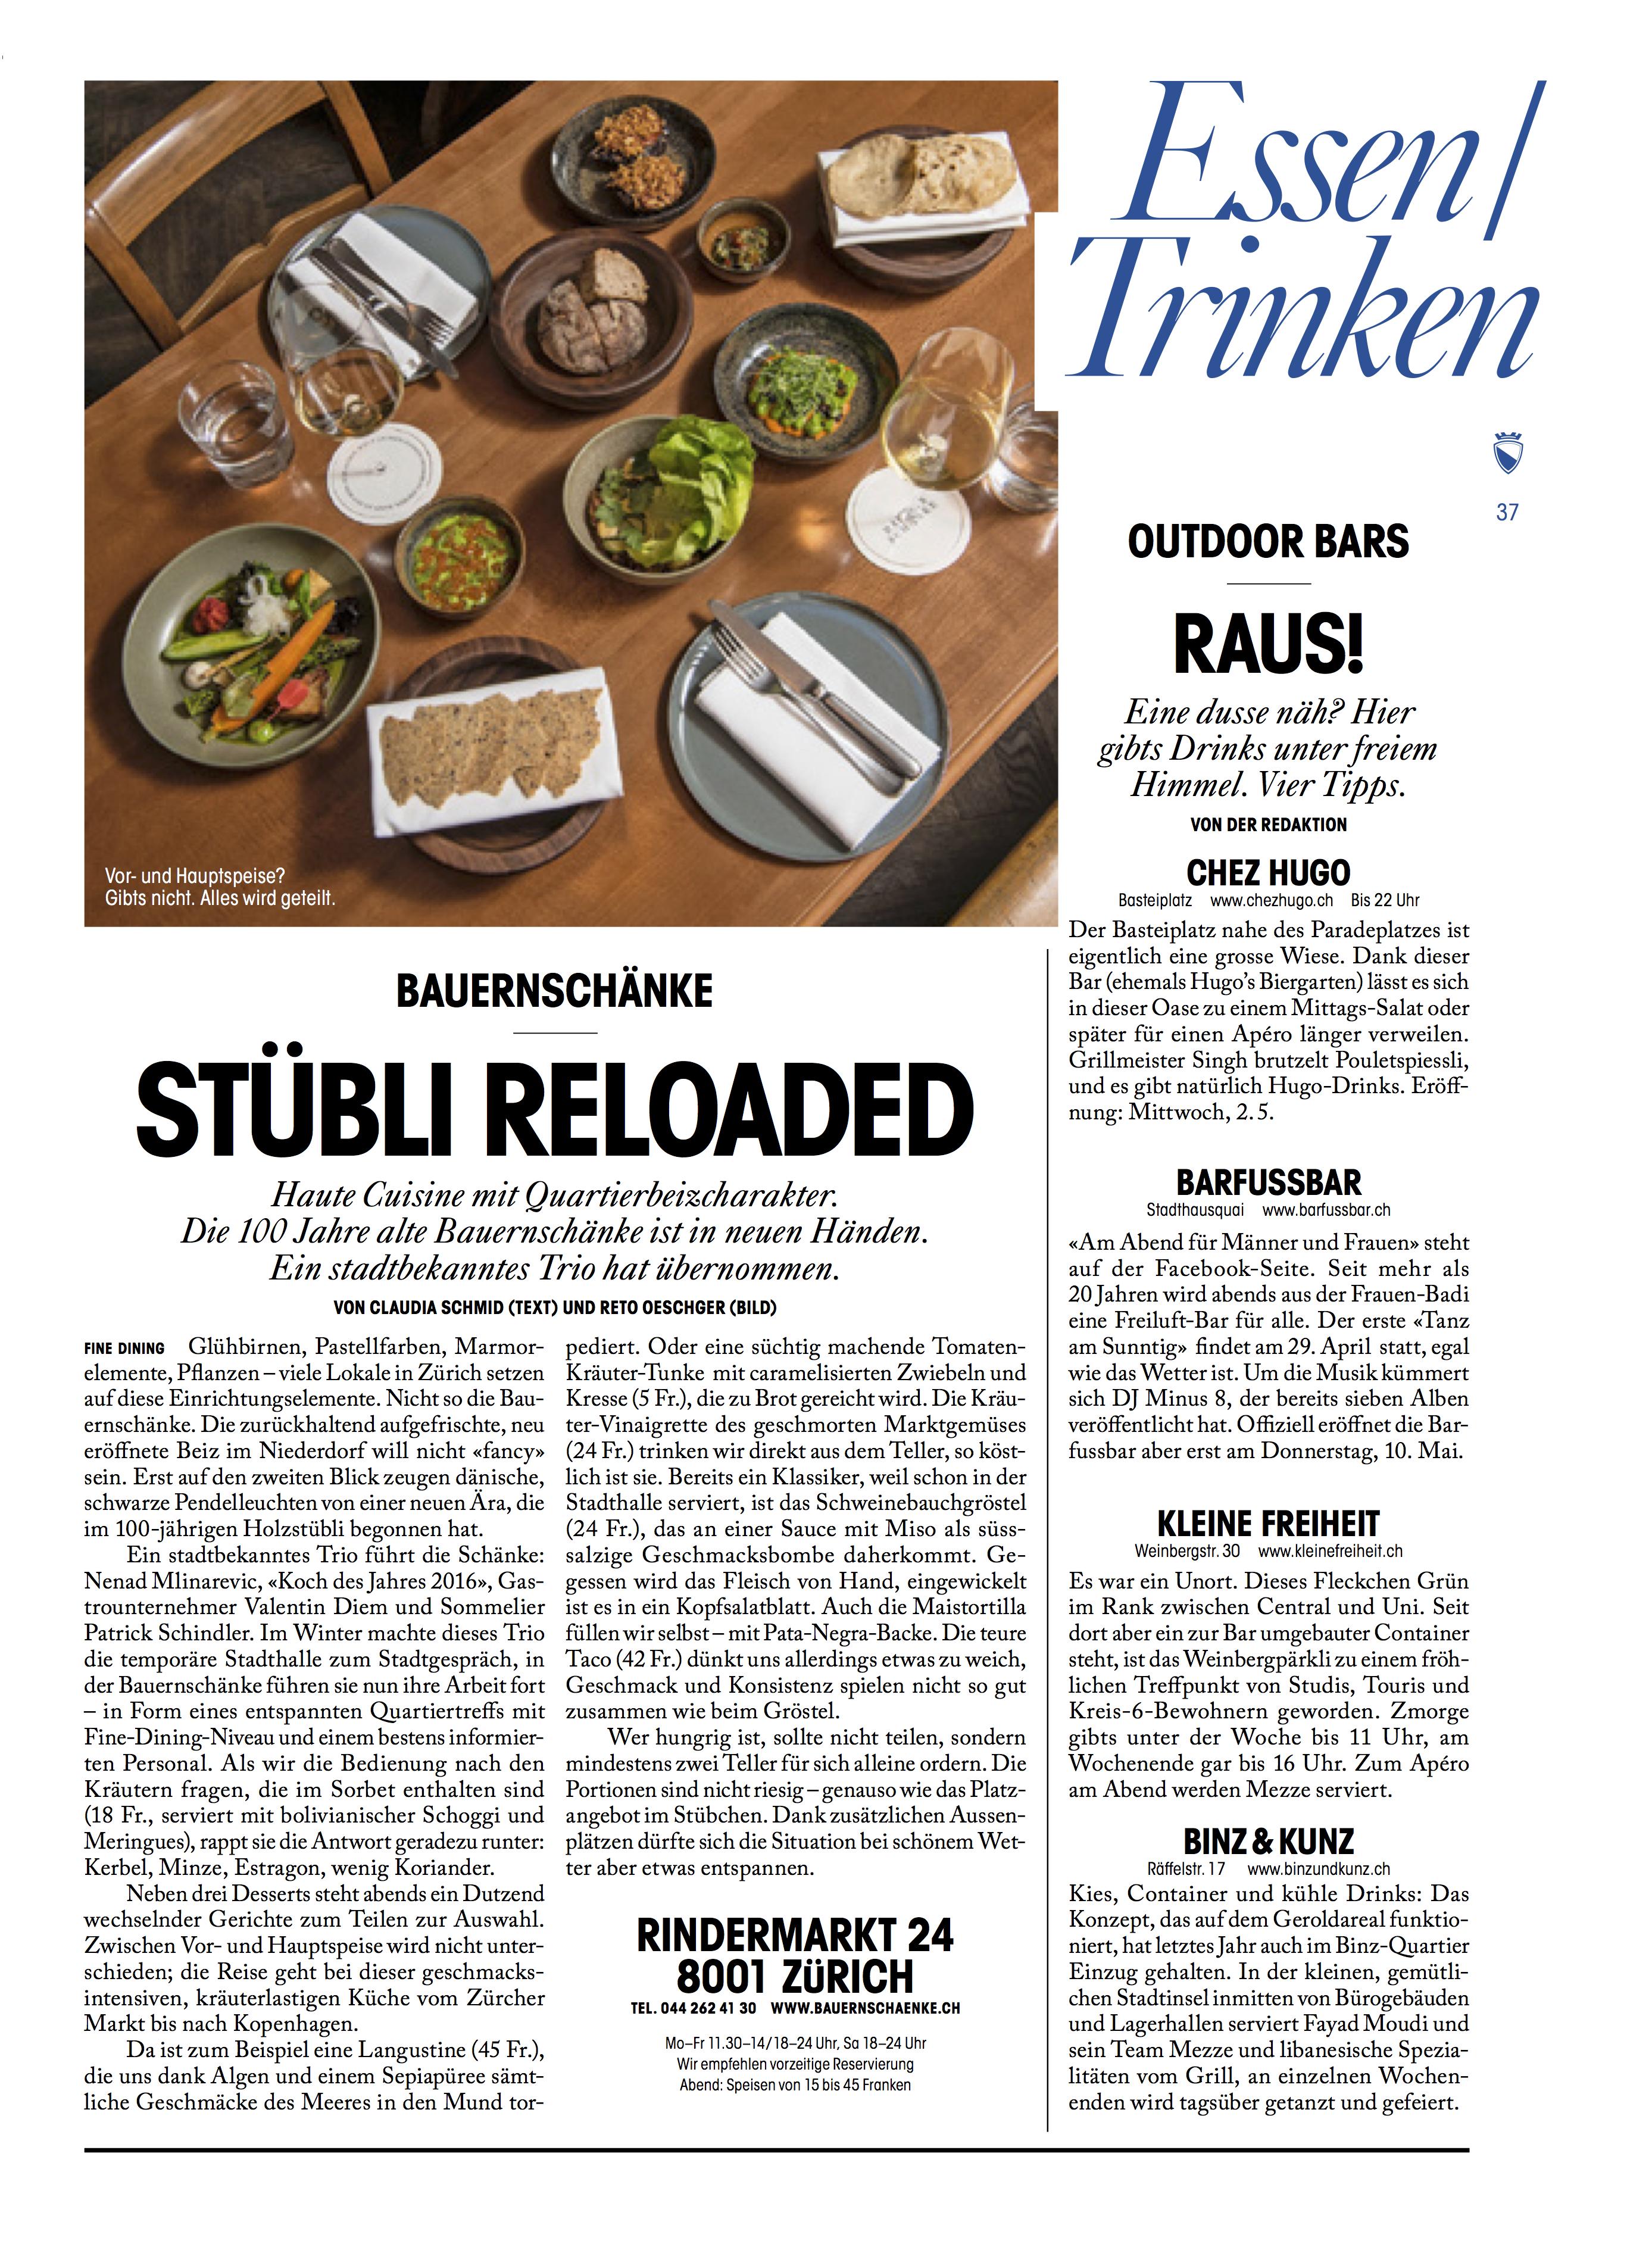 Restaurant Bauernschänke Presse – Tintnwrap